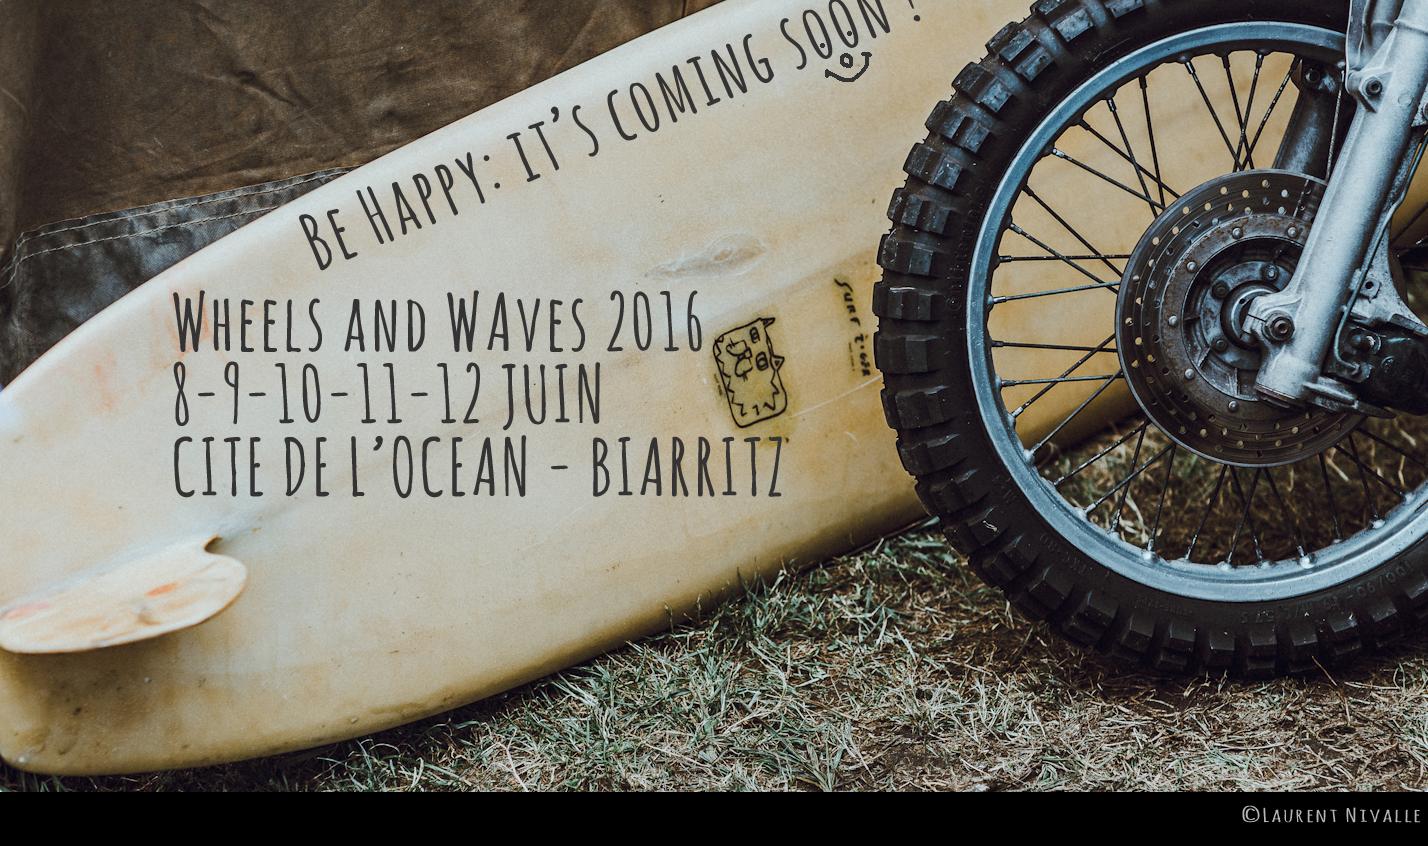 Au programme du weekend au Pays Basque : le wheels and waves de Biarritz